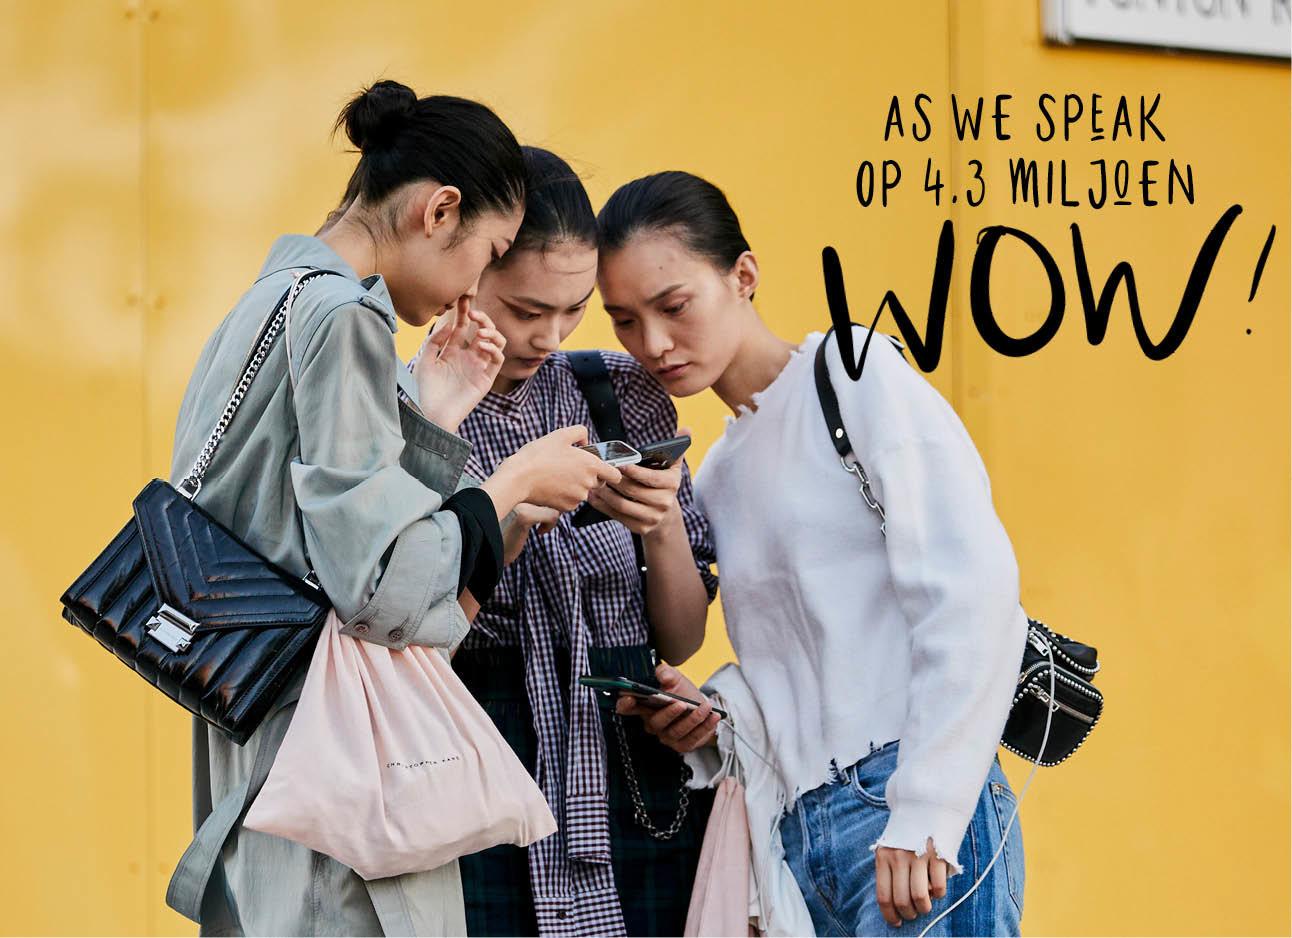 Nieuwtje sussex, drie meiden kijken naar een telefoon, gele achtergrond